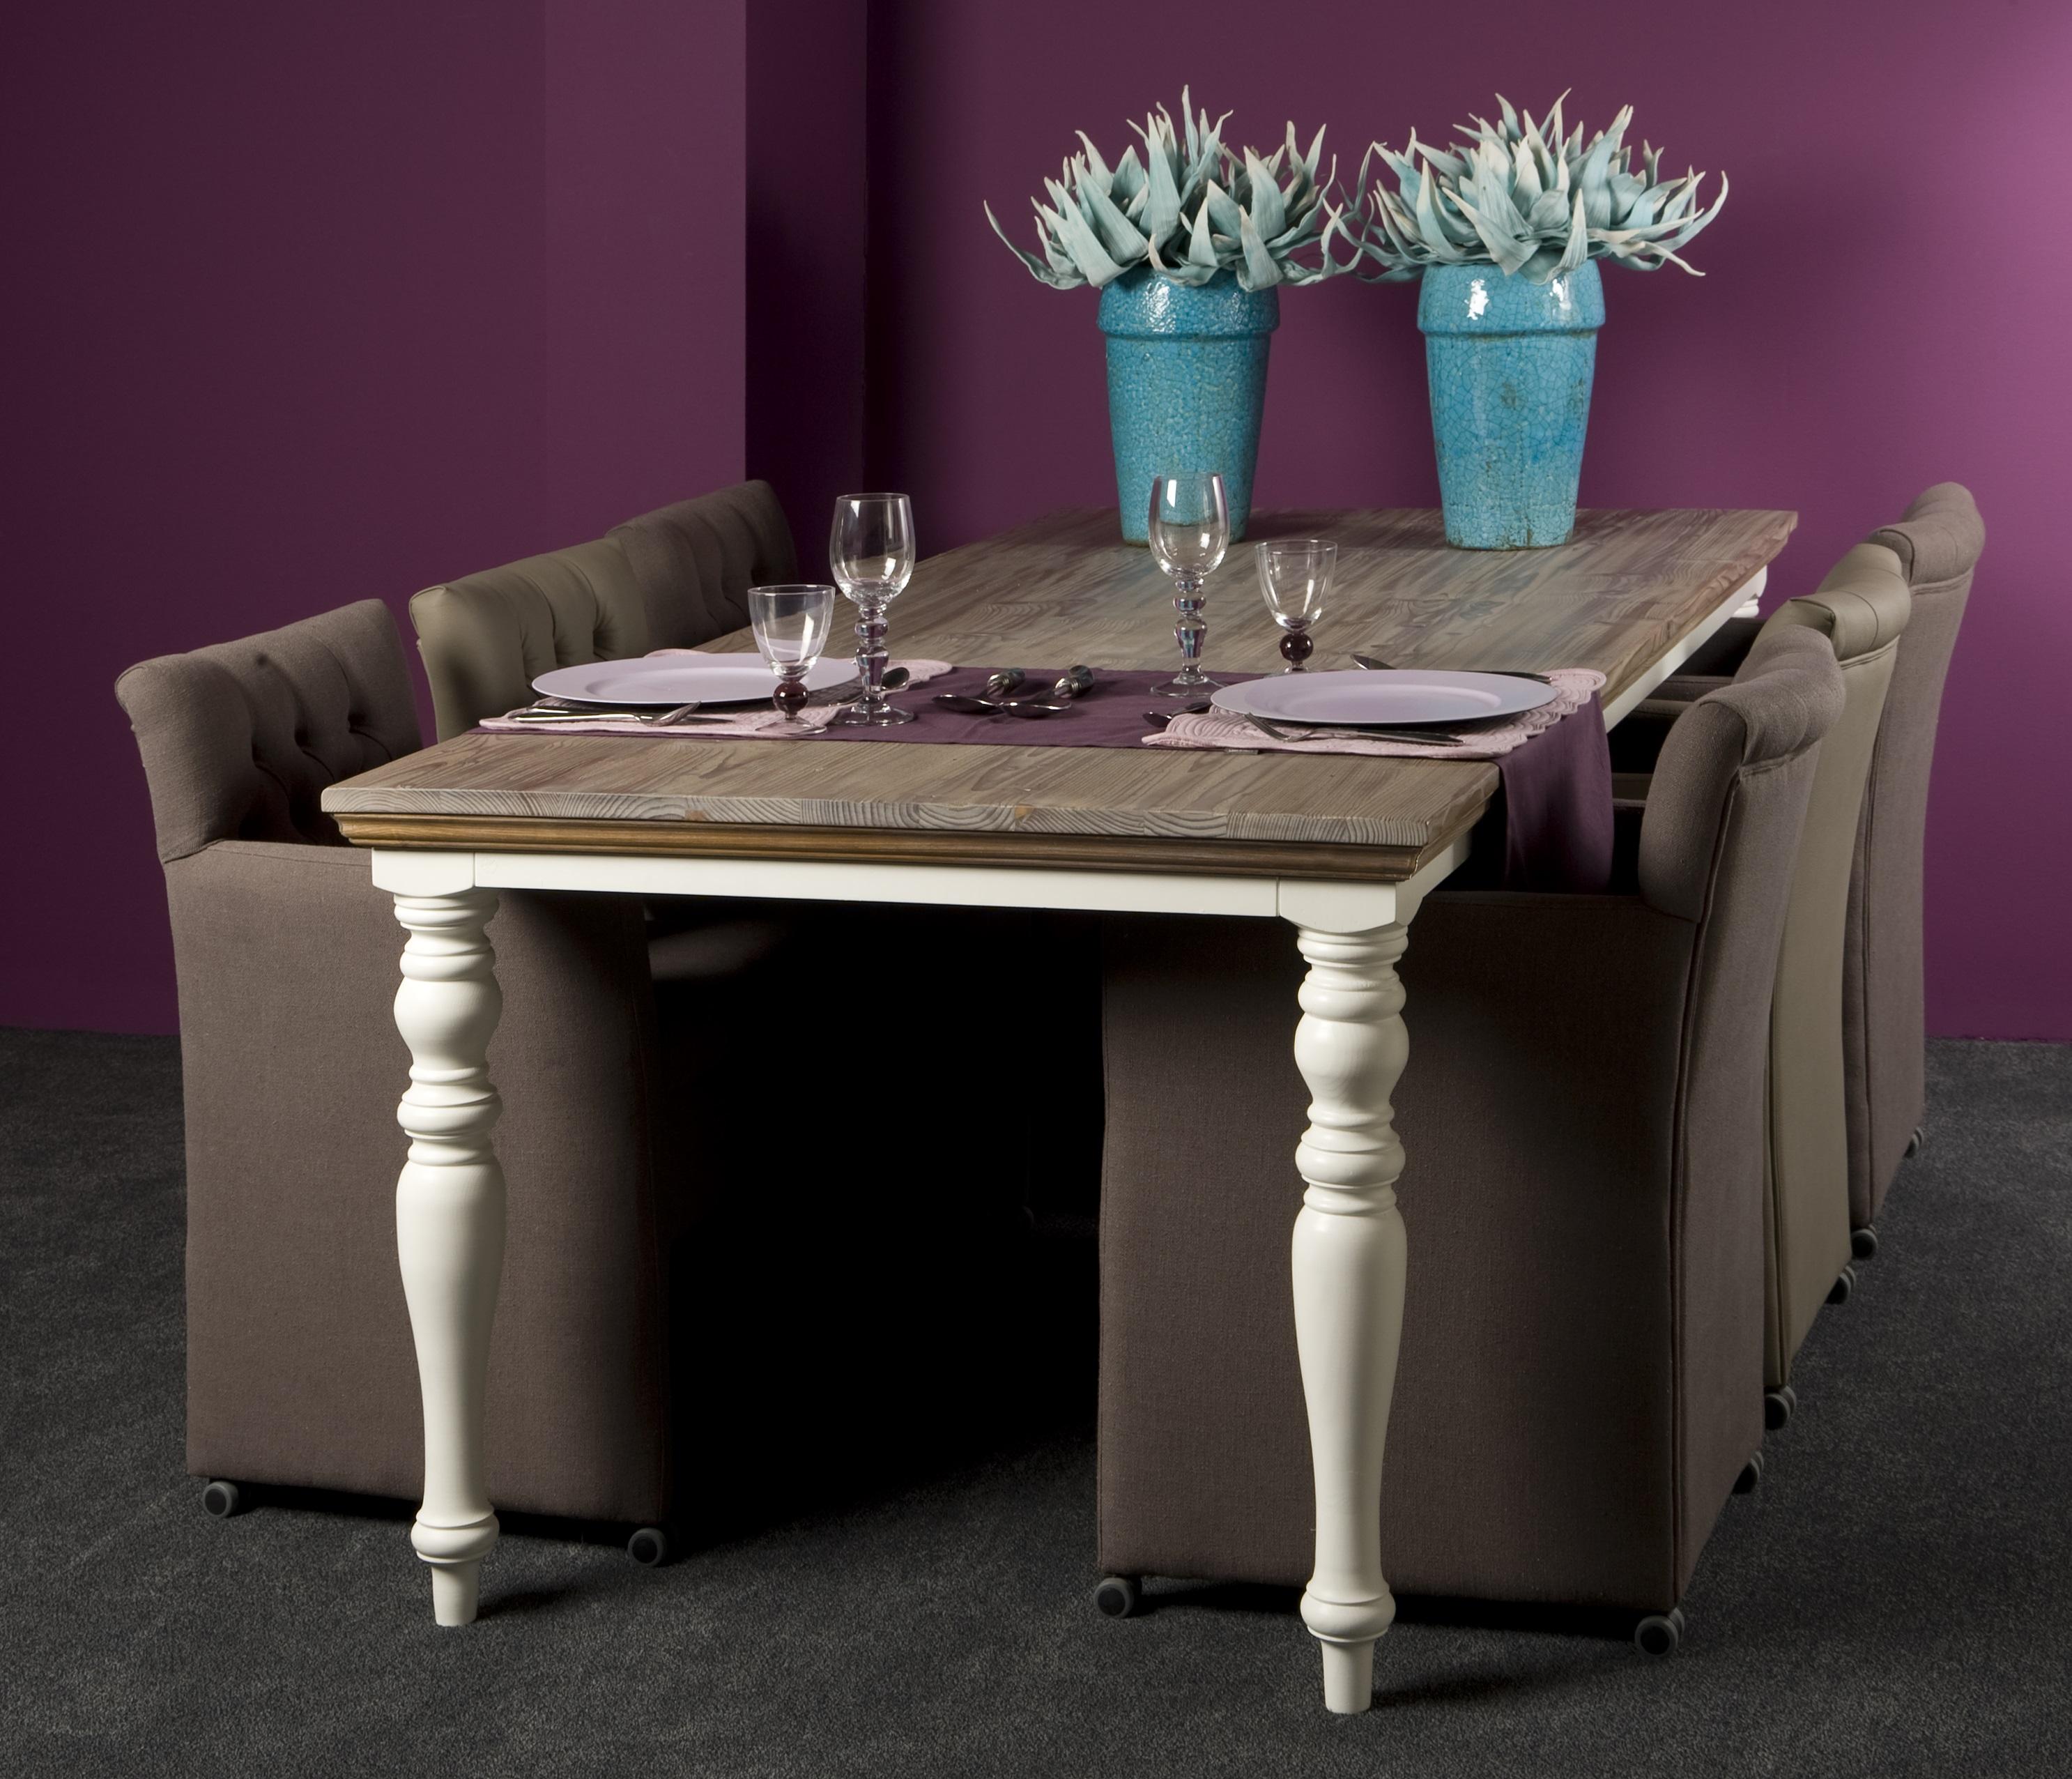 Markus john fleur eettafel landelijk 180cm for Eettafel stoelen landelijk